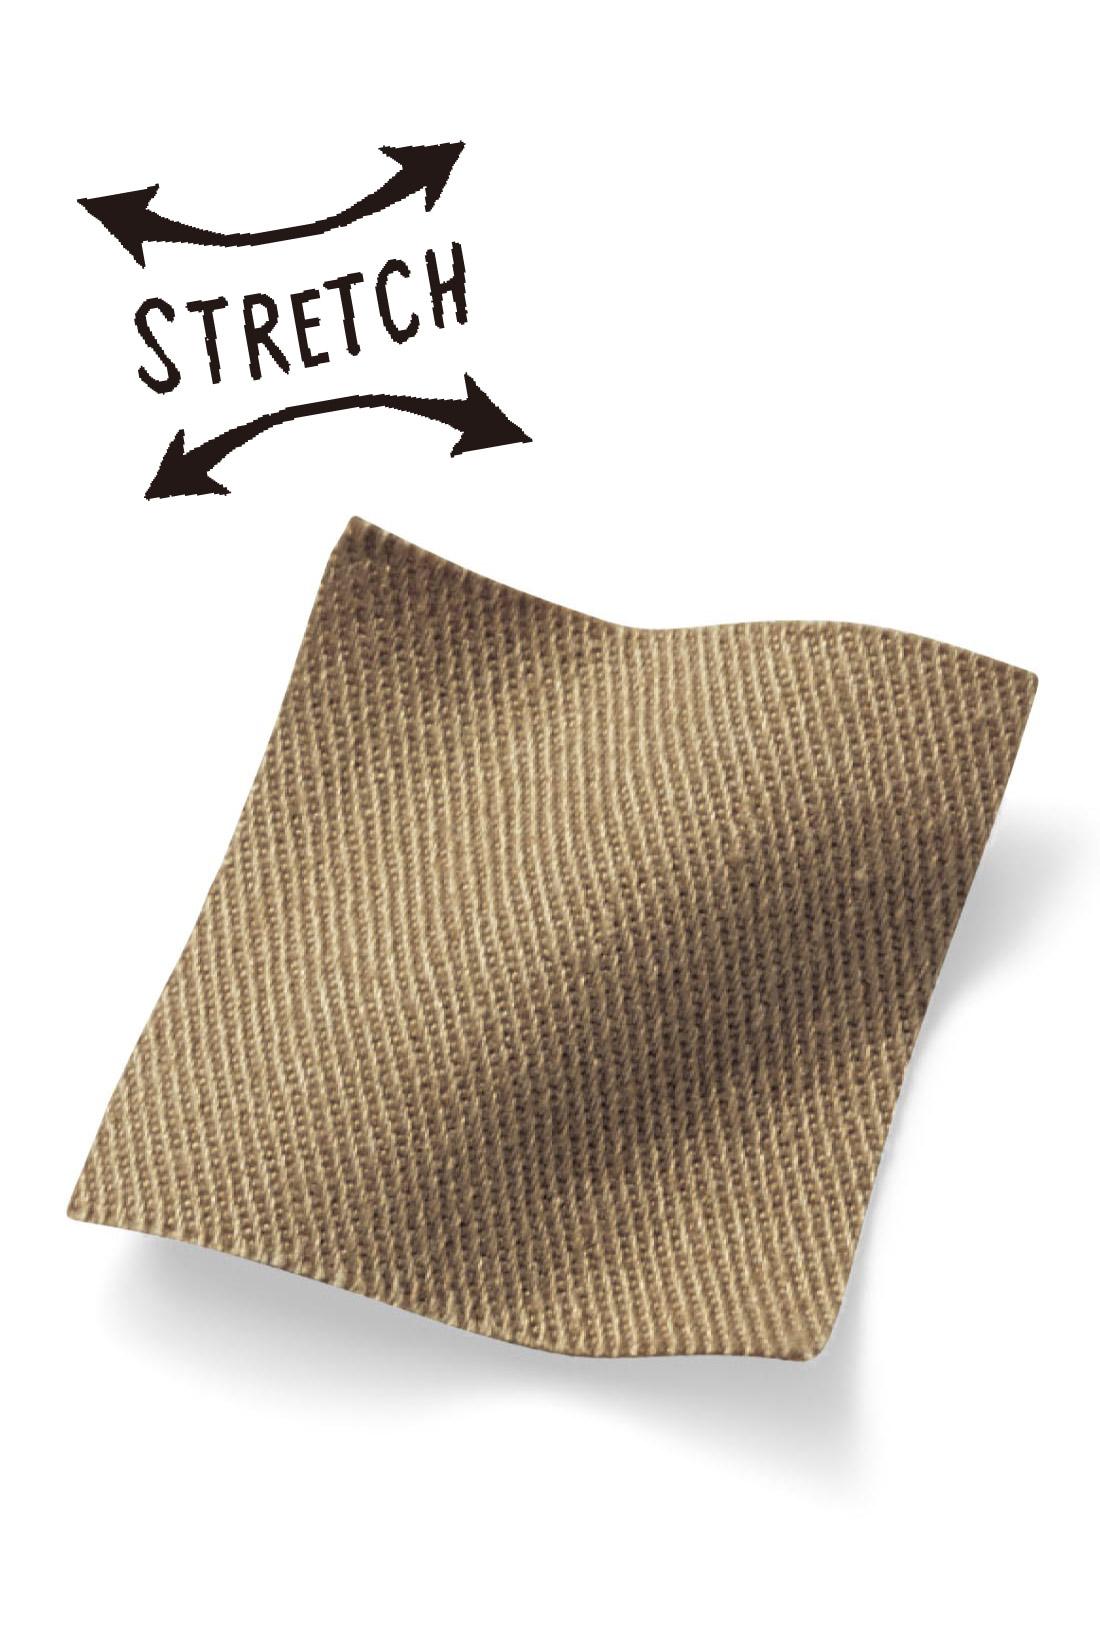 伸びやかなストレッチツイル素材。座ったりしゃがんだり、たくさん動く日も快適です。